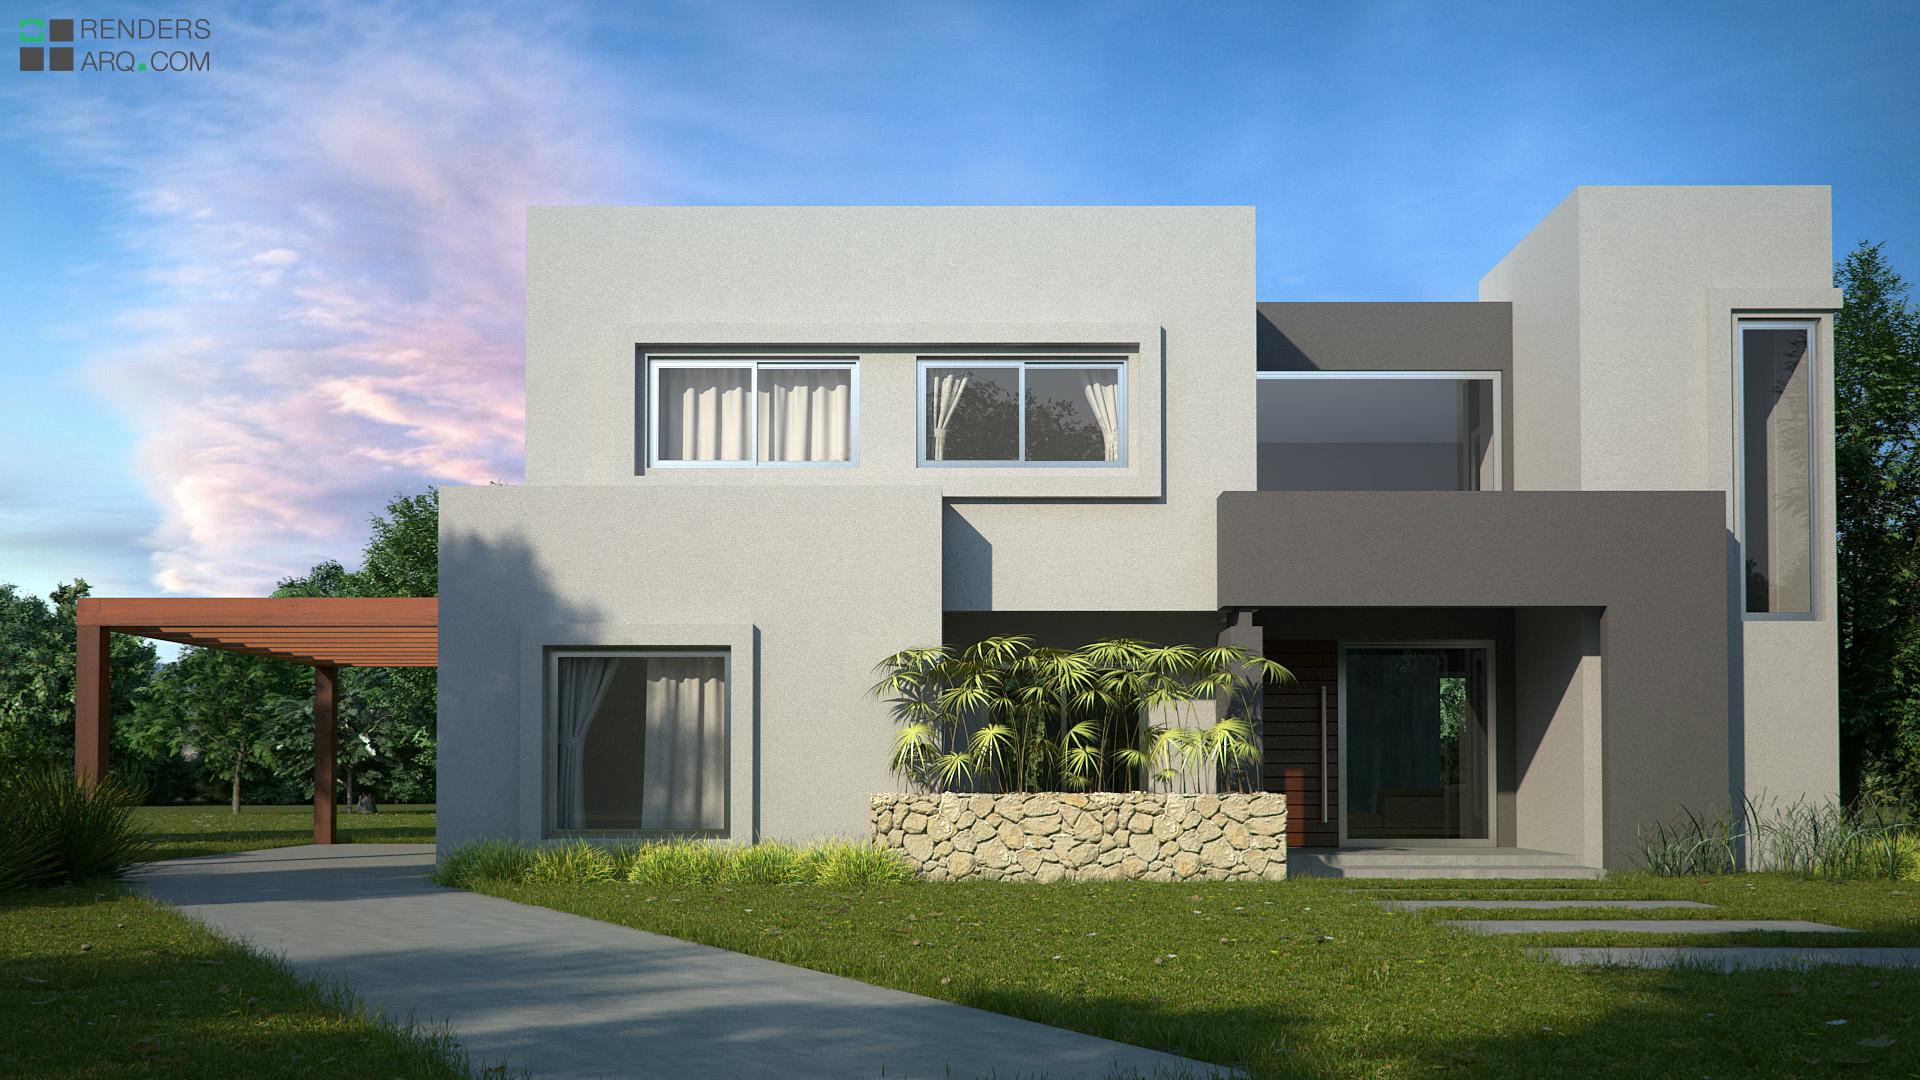 Renders exteriores renders arquitectura for Exterior oficinas